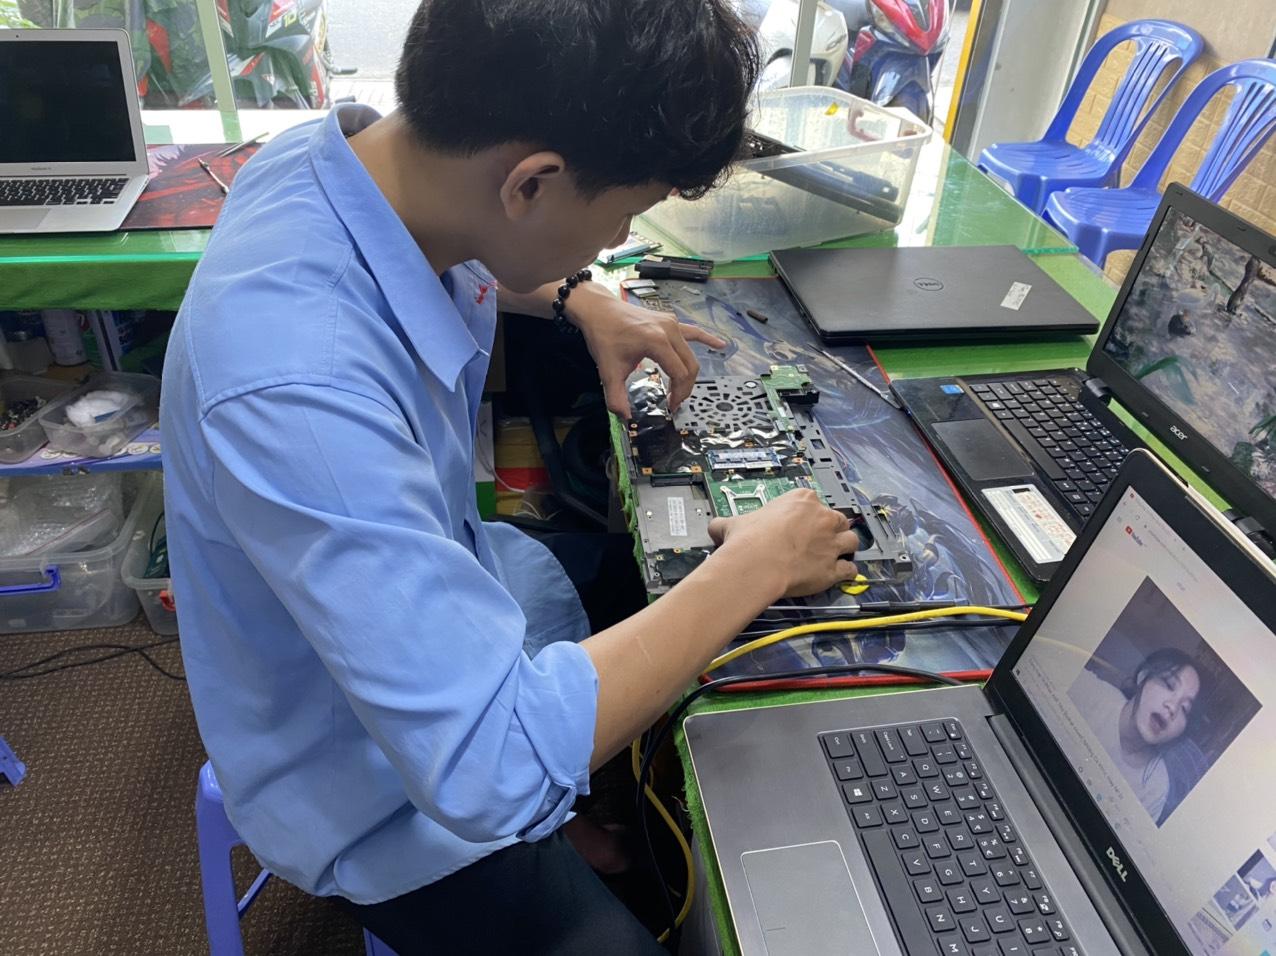 Dịch vụ bảo dưỡng vệ sinh sửa chữa pc, máy tính laptop lấy liền tại phước long b,tp.hcm